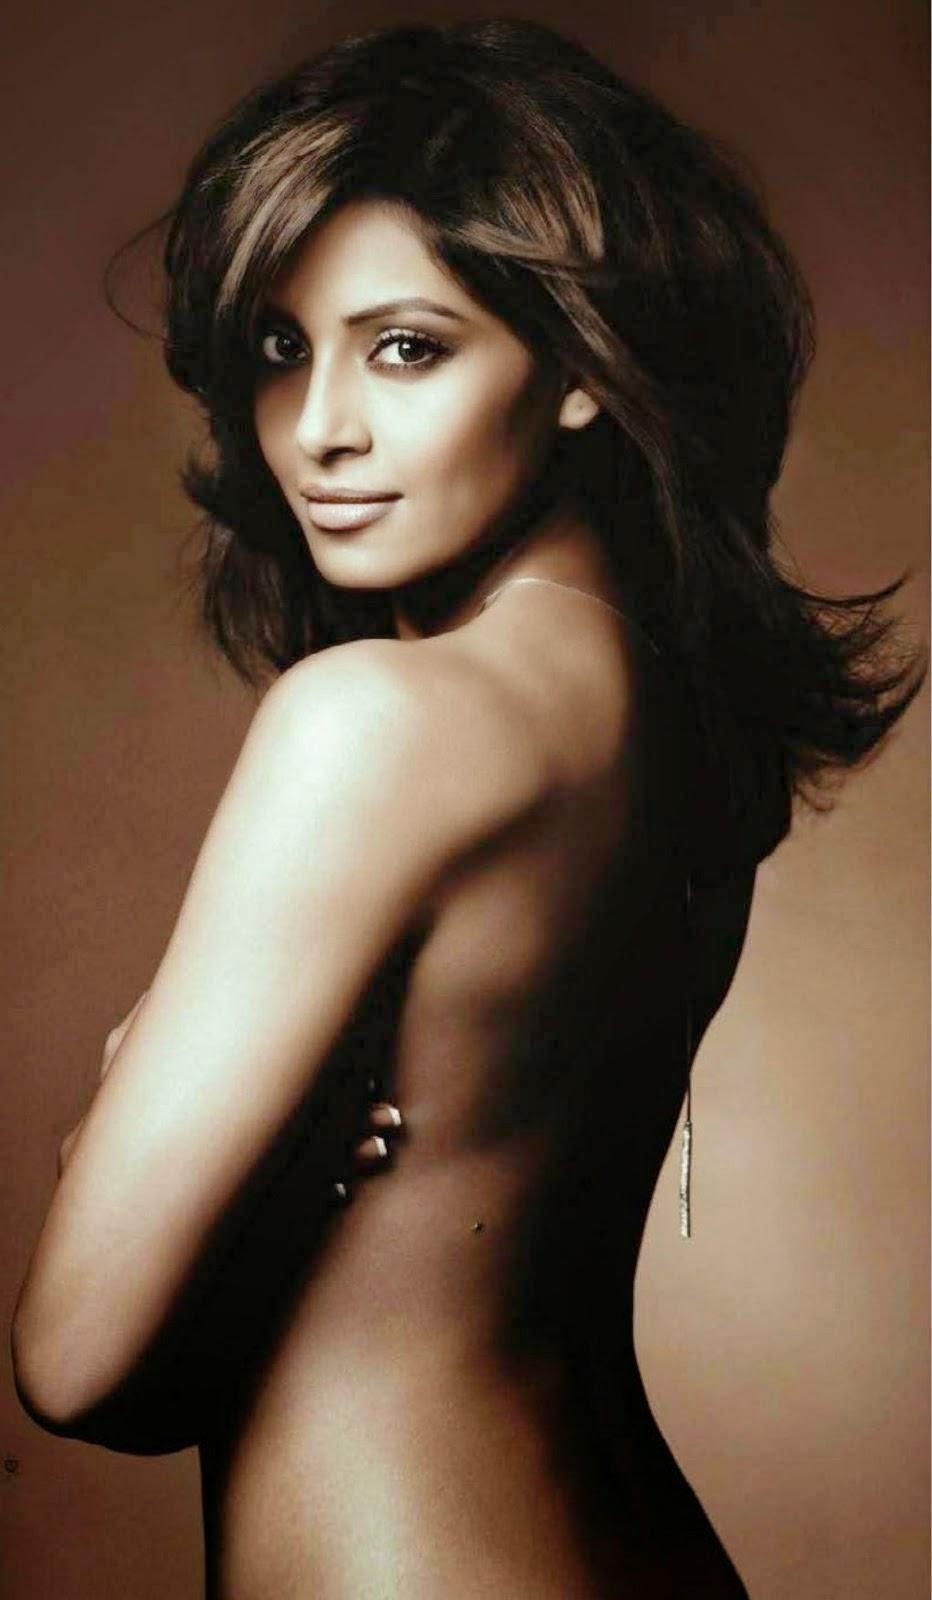 Bipasha Basu Topless Photo